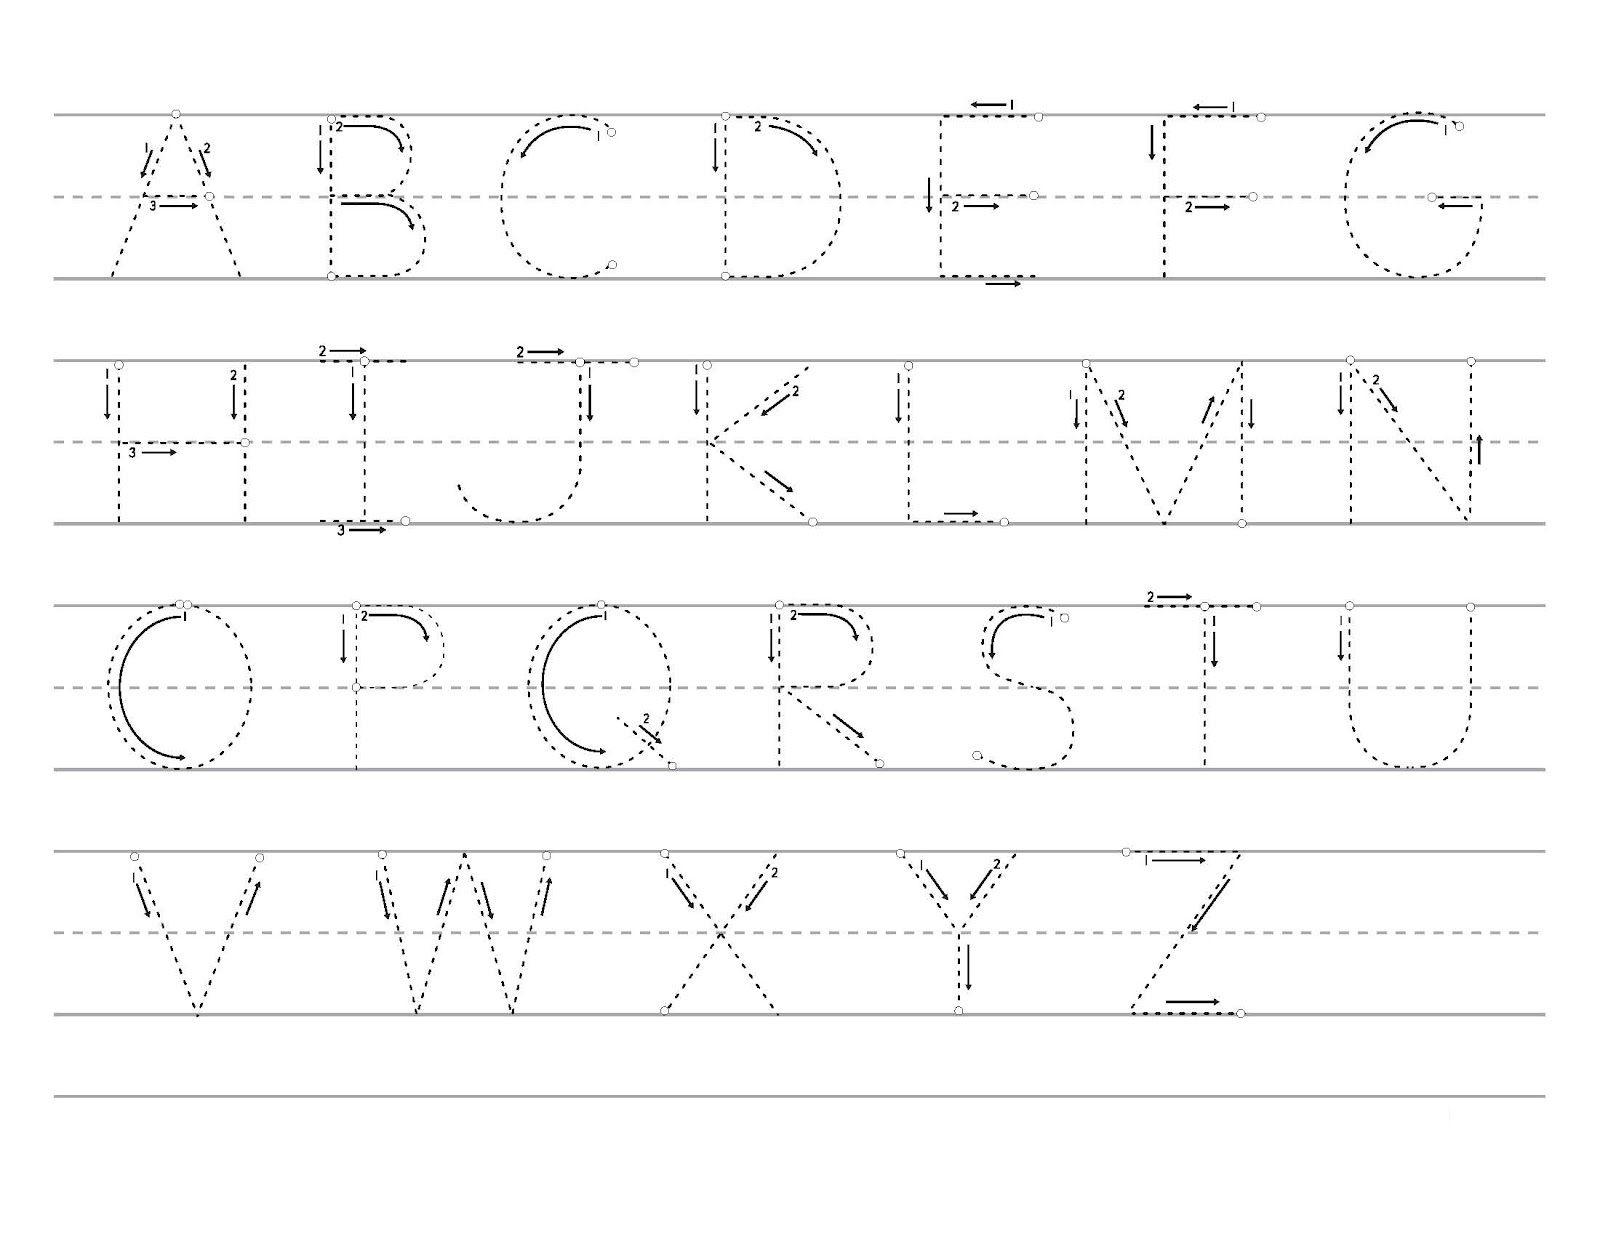 worksheet Traceable Worksheets traceable letter worksheets to print activity shelter alphabet shelter